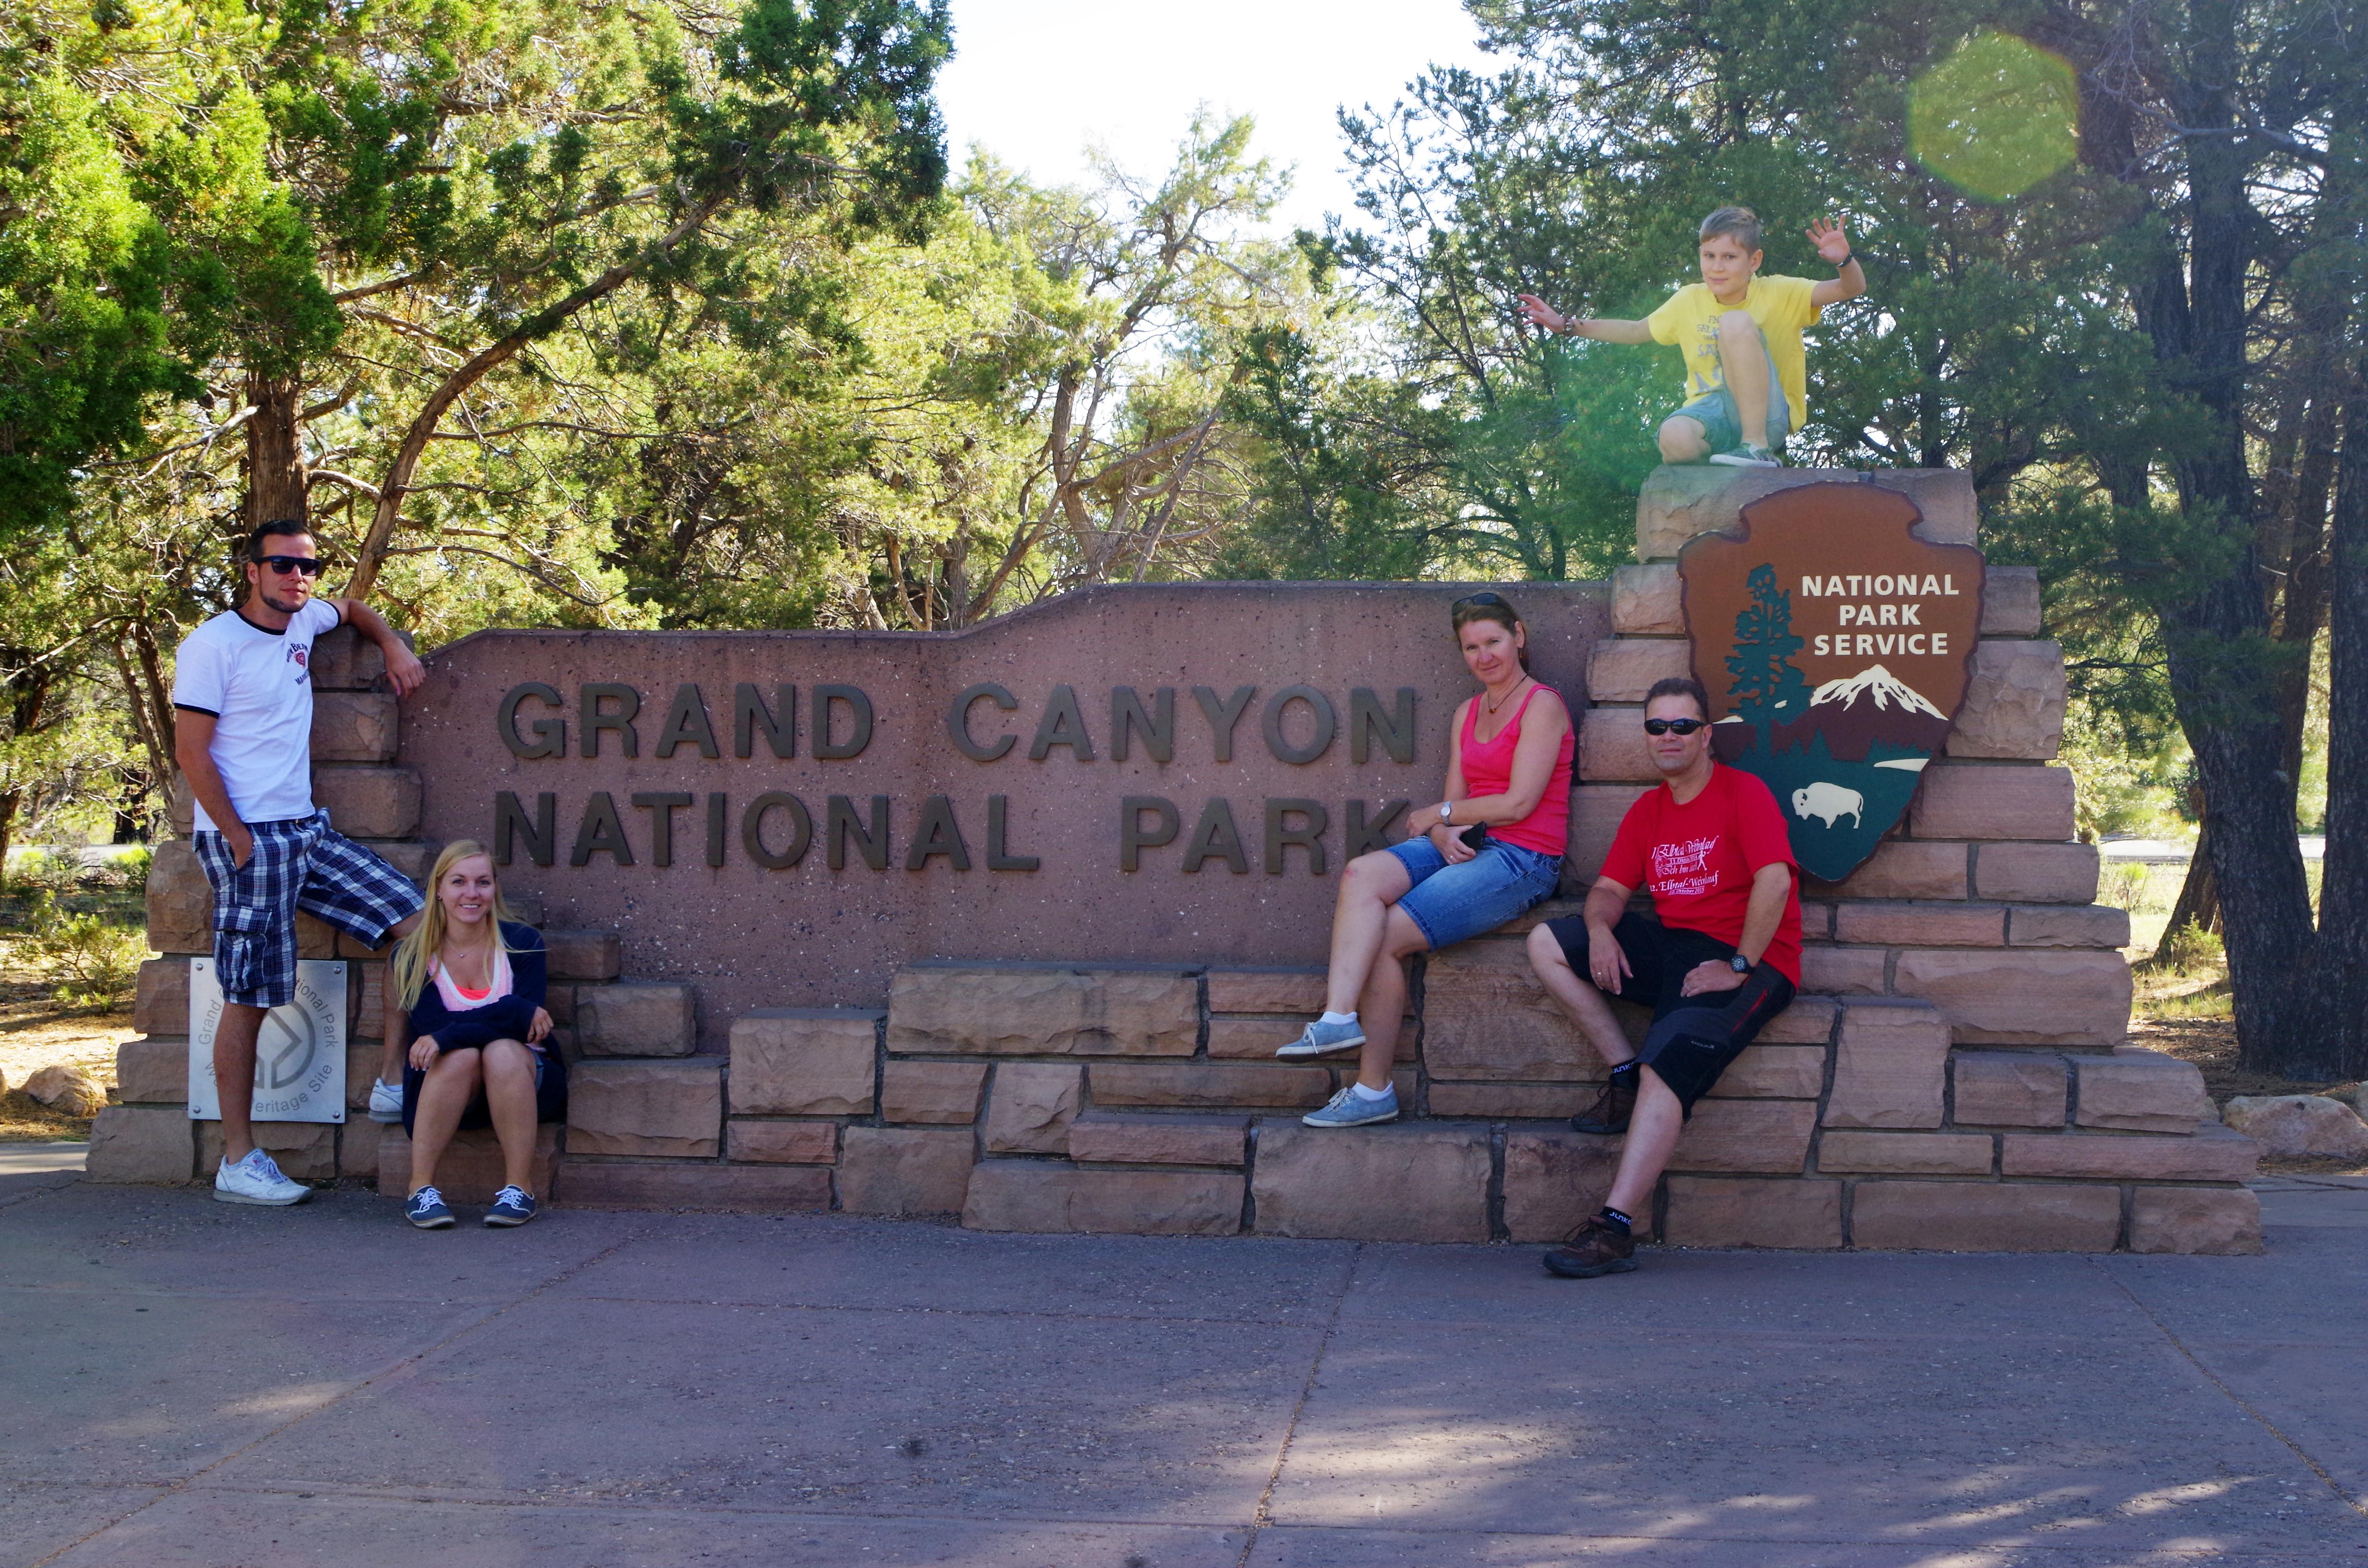 Das schöne Eingangsschild am Grand Canyon Nationalpark lohnt sich für einen Fotostop! :)